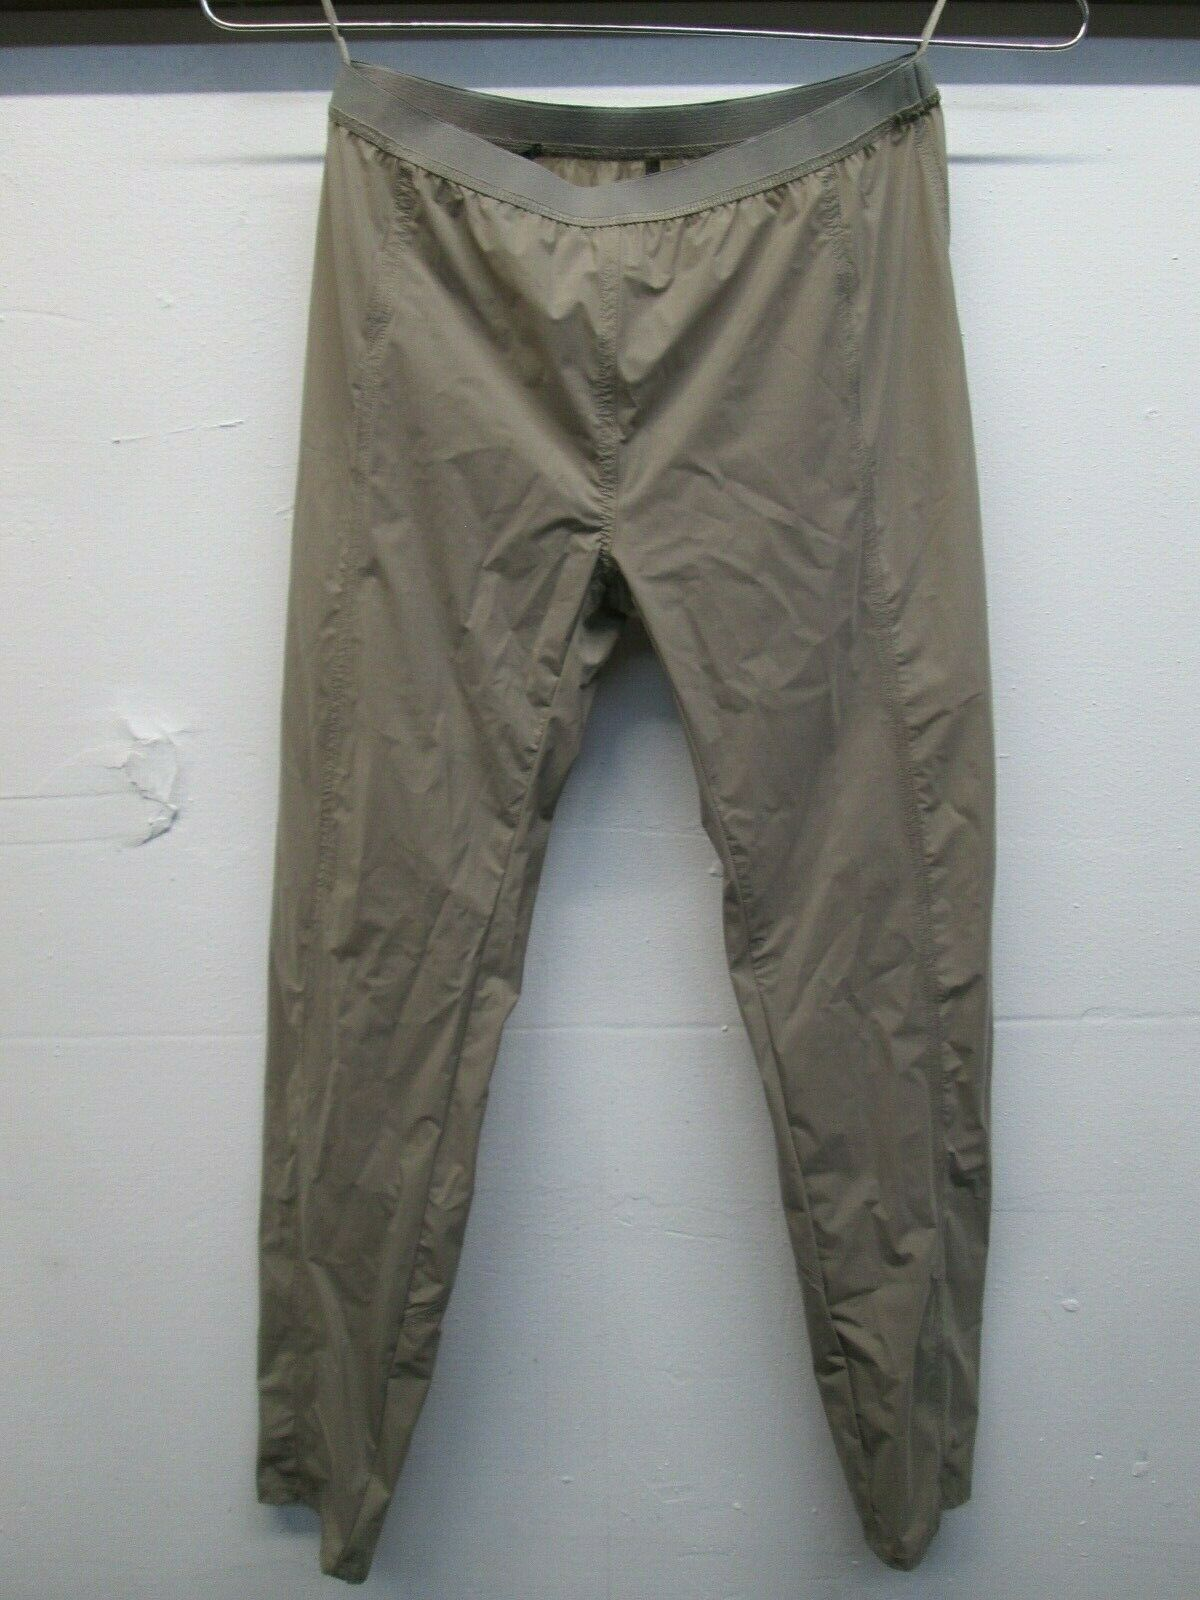 NWT Roque Ilaria Nistri pantaloni 140 Dune parachute nylon Pants 40   250